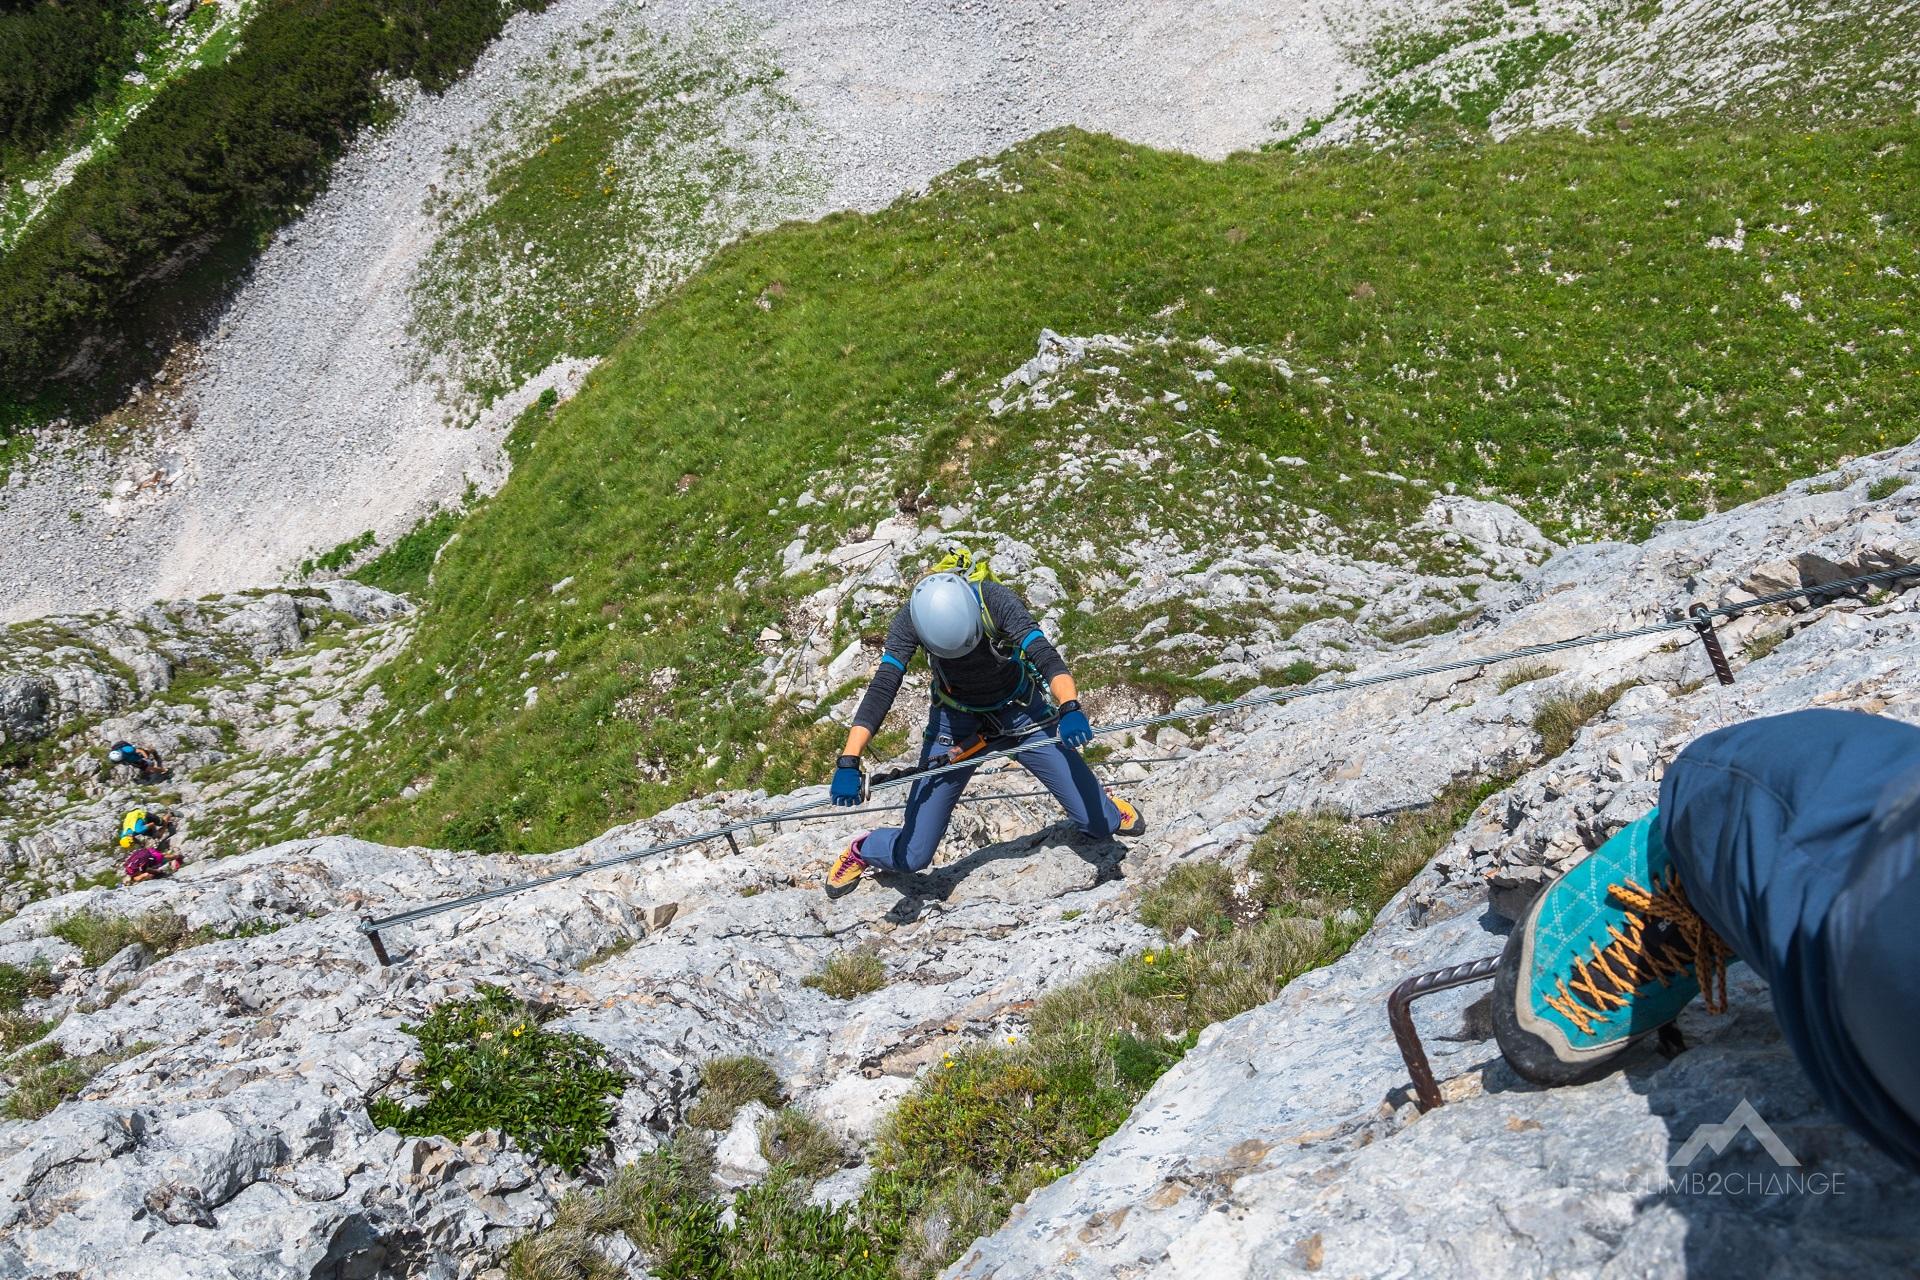 Jeden z trawersów na ferracei Panorama Klettersteig, odcinek za C/D